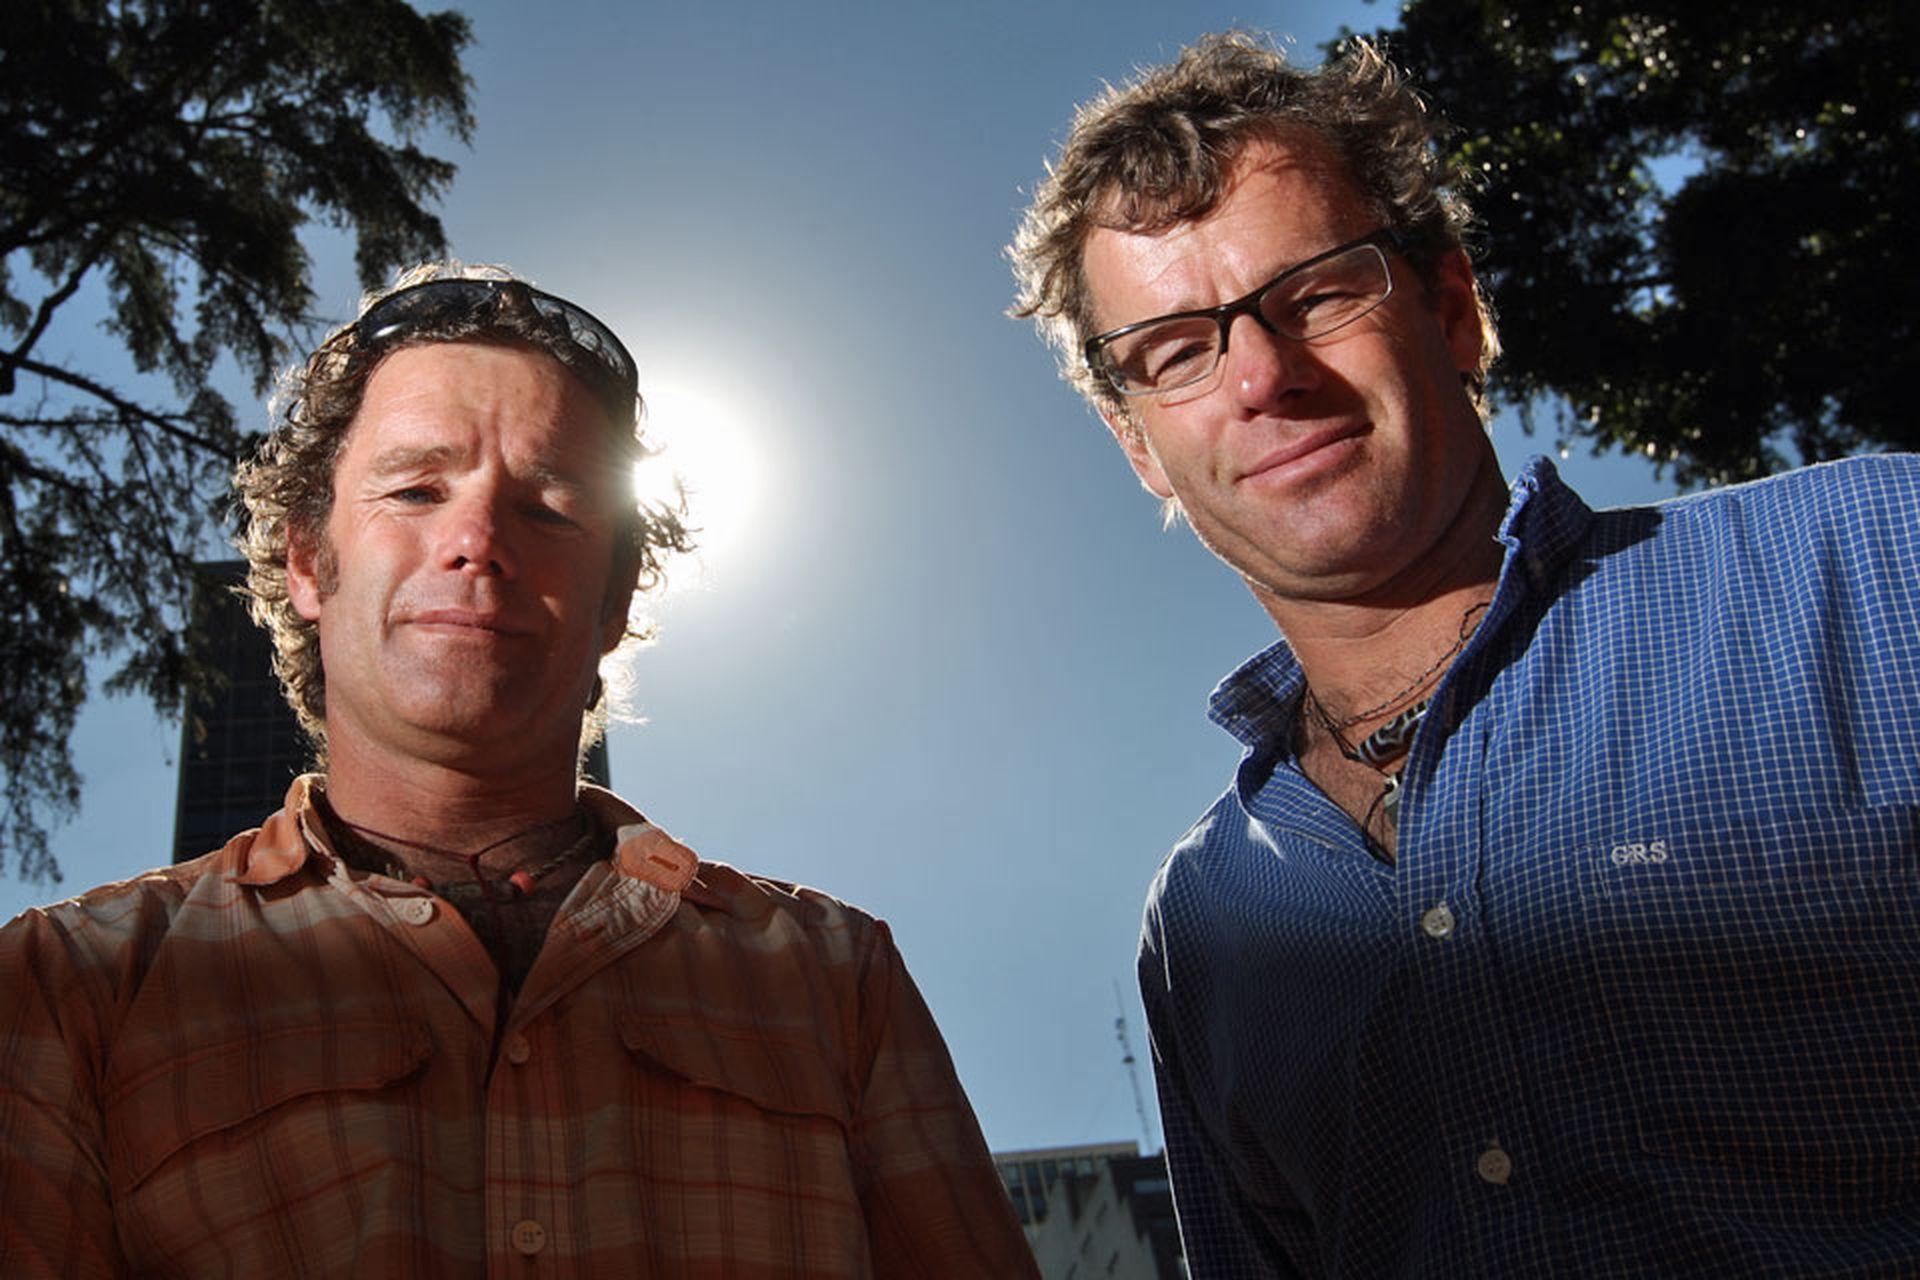 Damián y Guillermo Benegas lideraron la primera expedición íntegramente argentina en alcanzar la cima del monte Everest